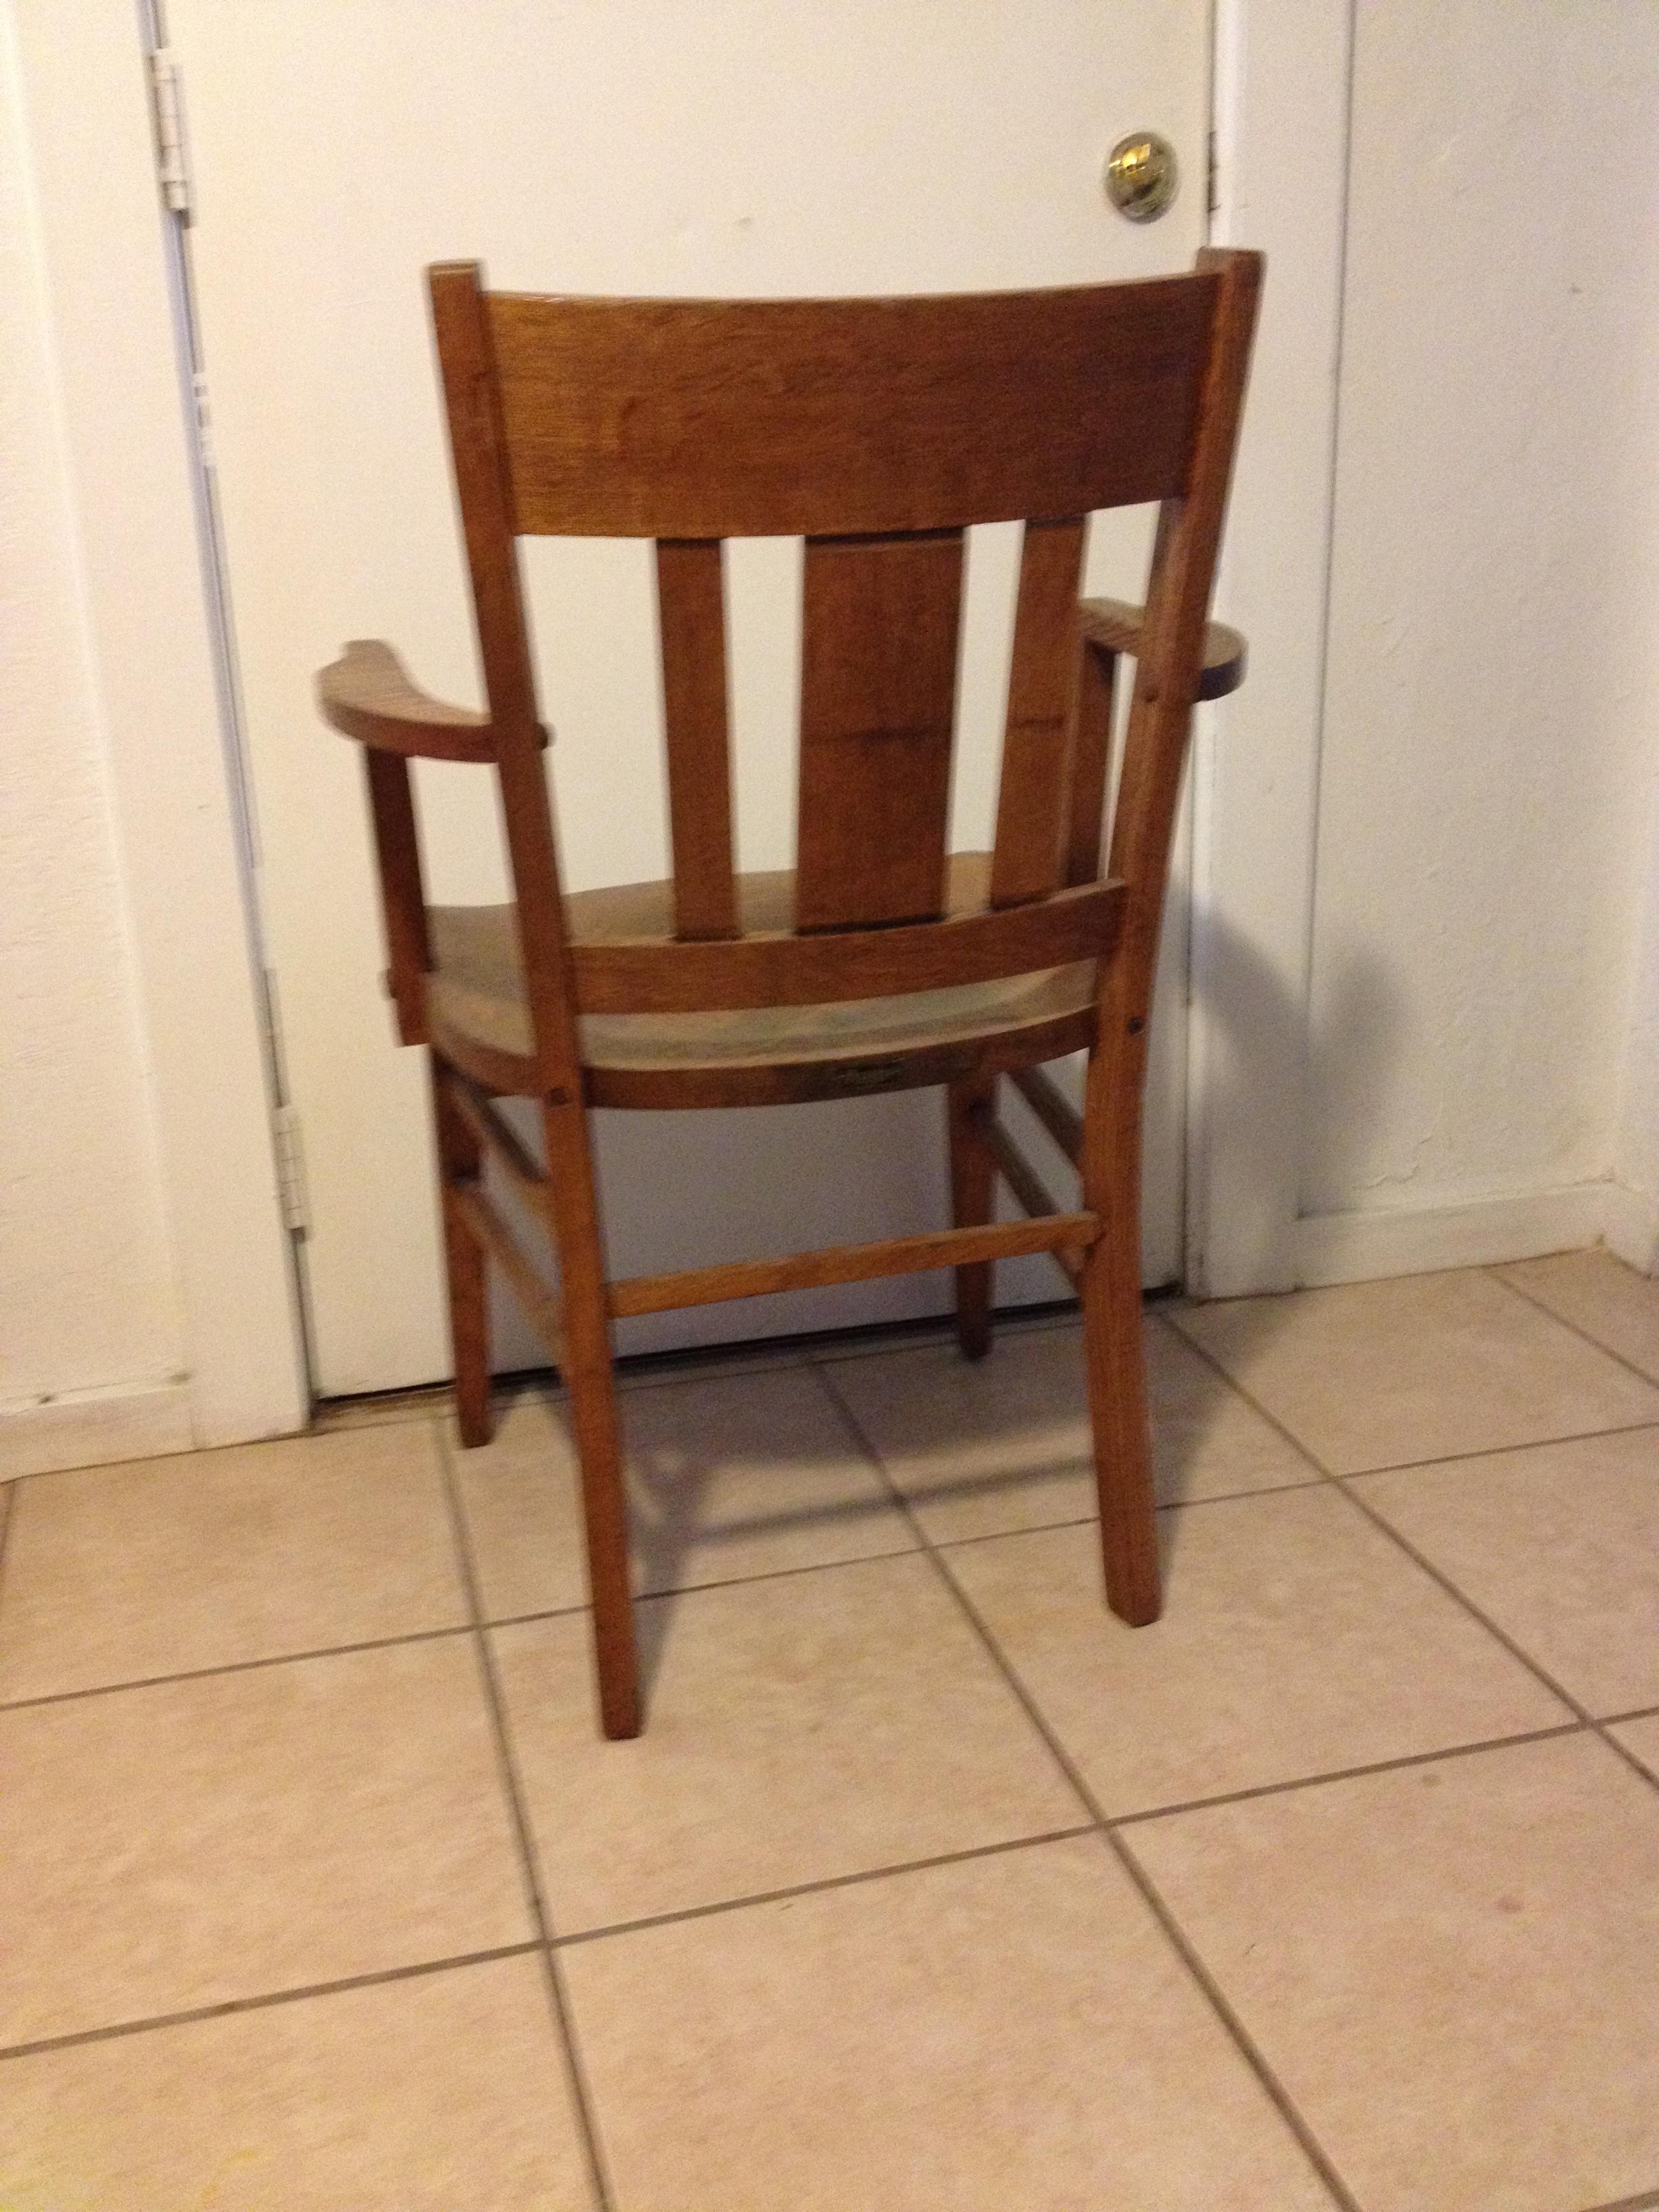 Antique Murphy Chair antique appraisal